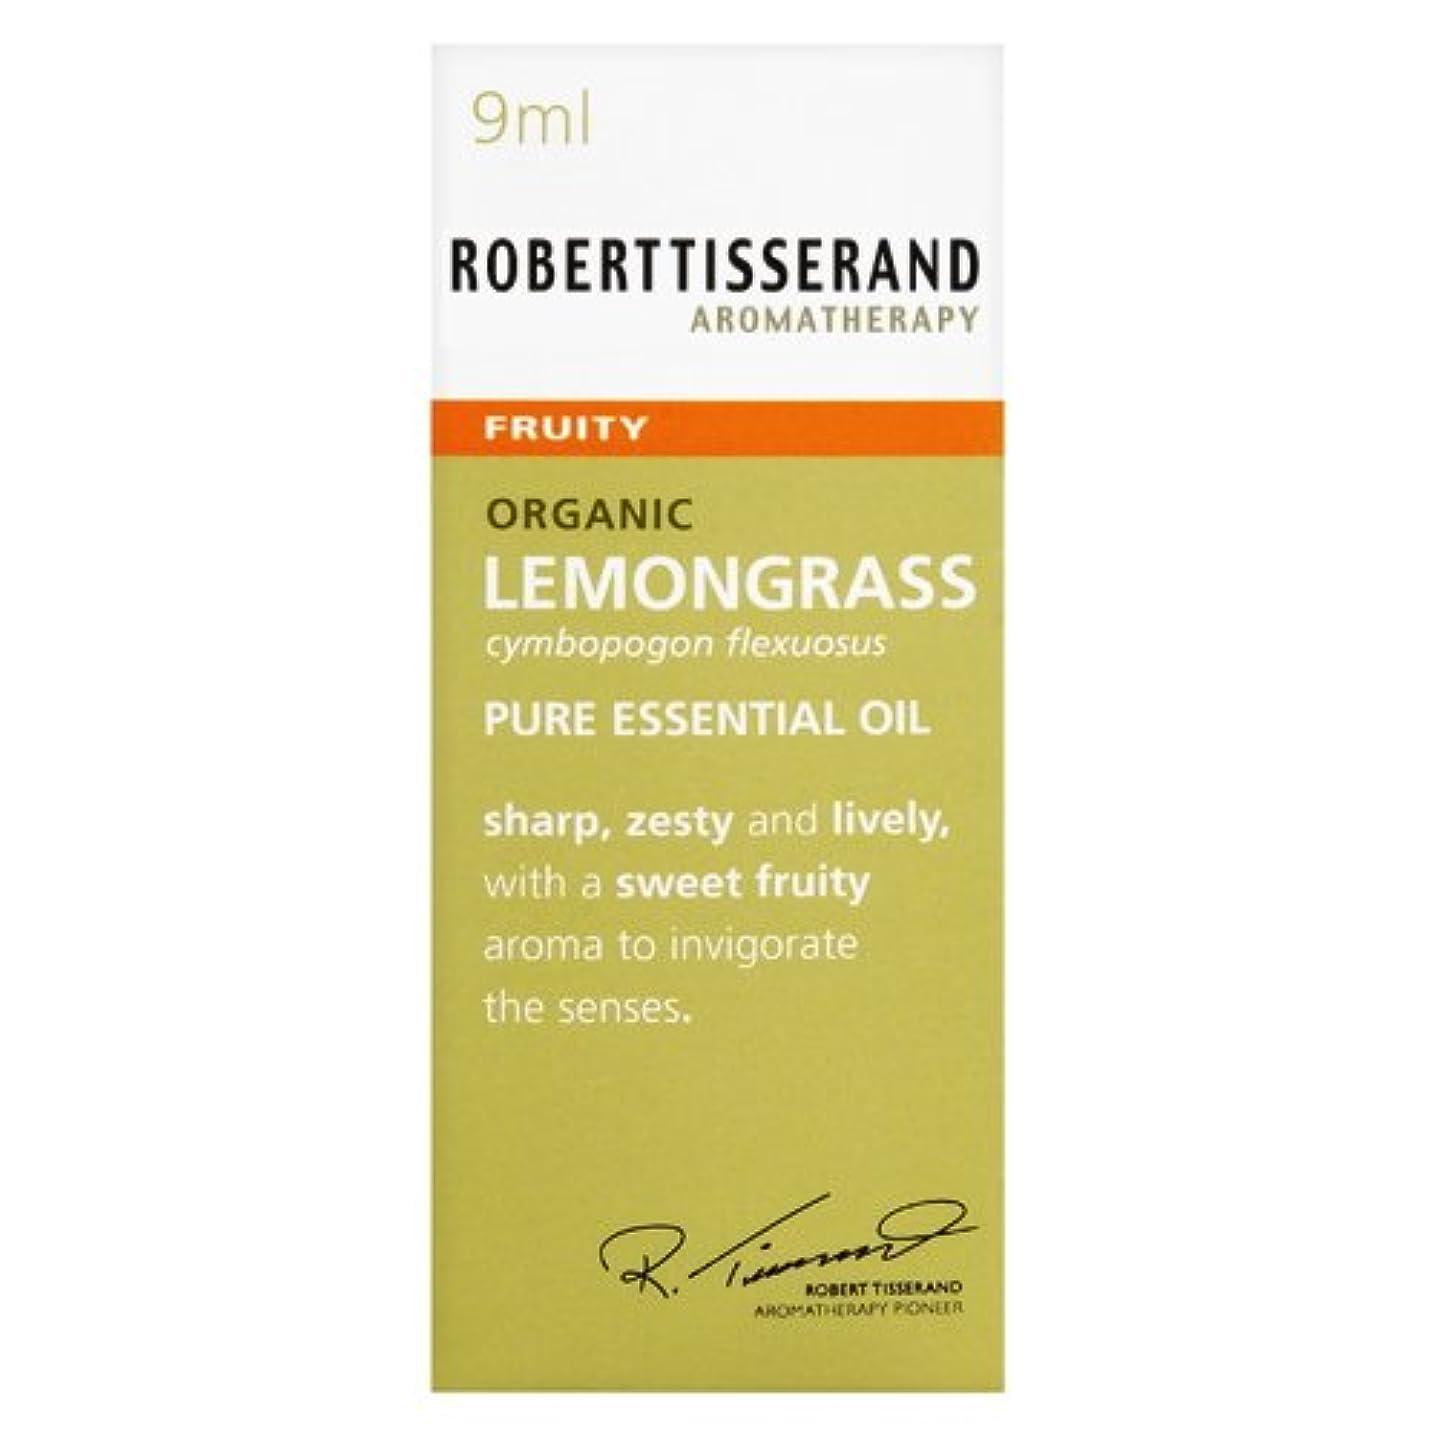 泥棒ロデオ拍車ロバートティスランド 英国土壌協会認証 オーガニック レモングラス 9ml